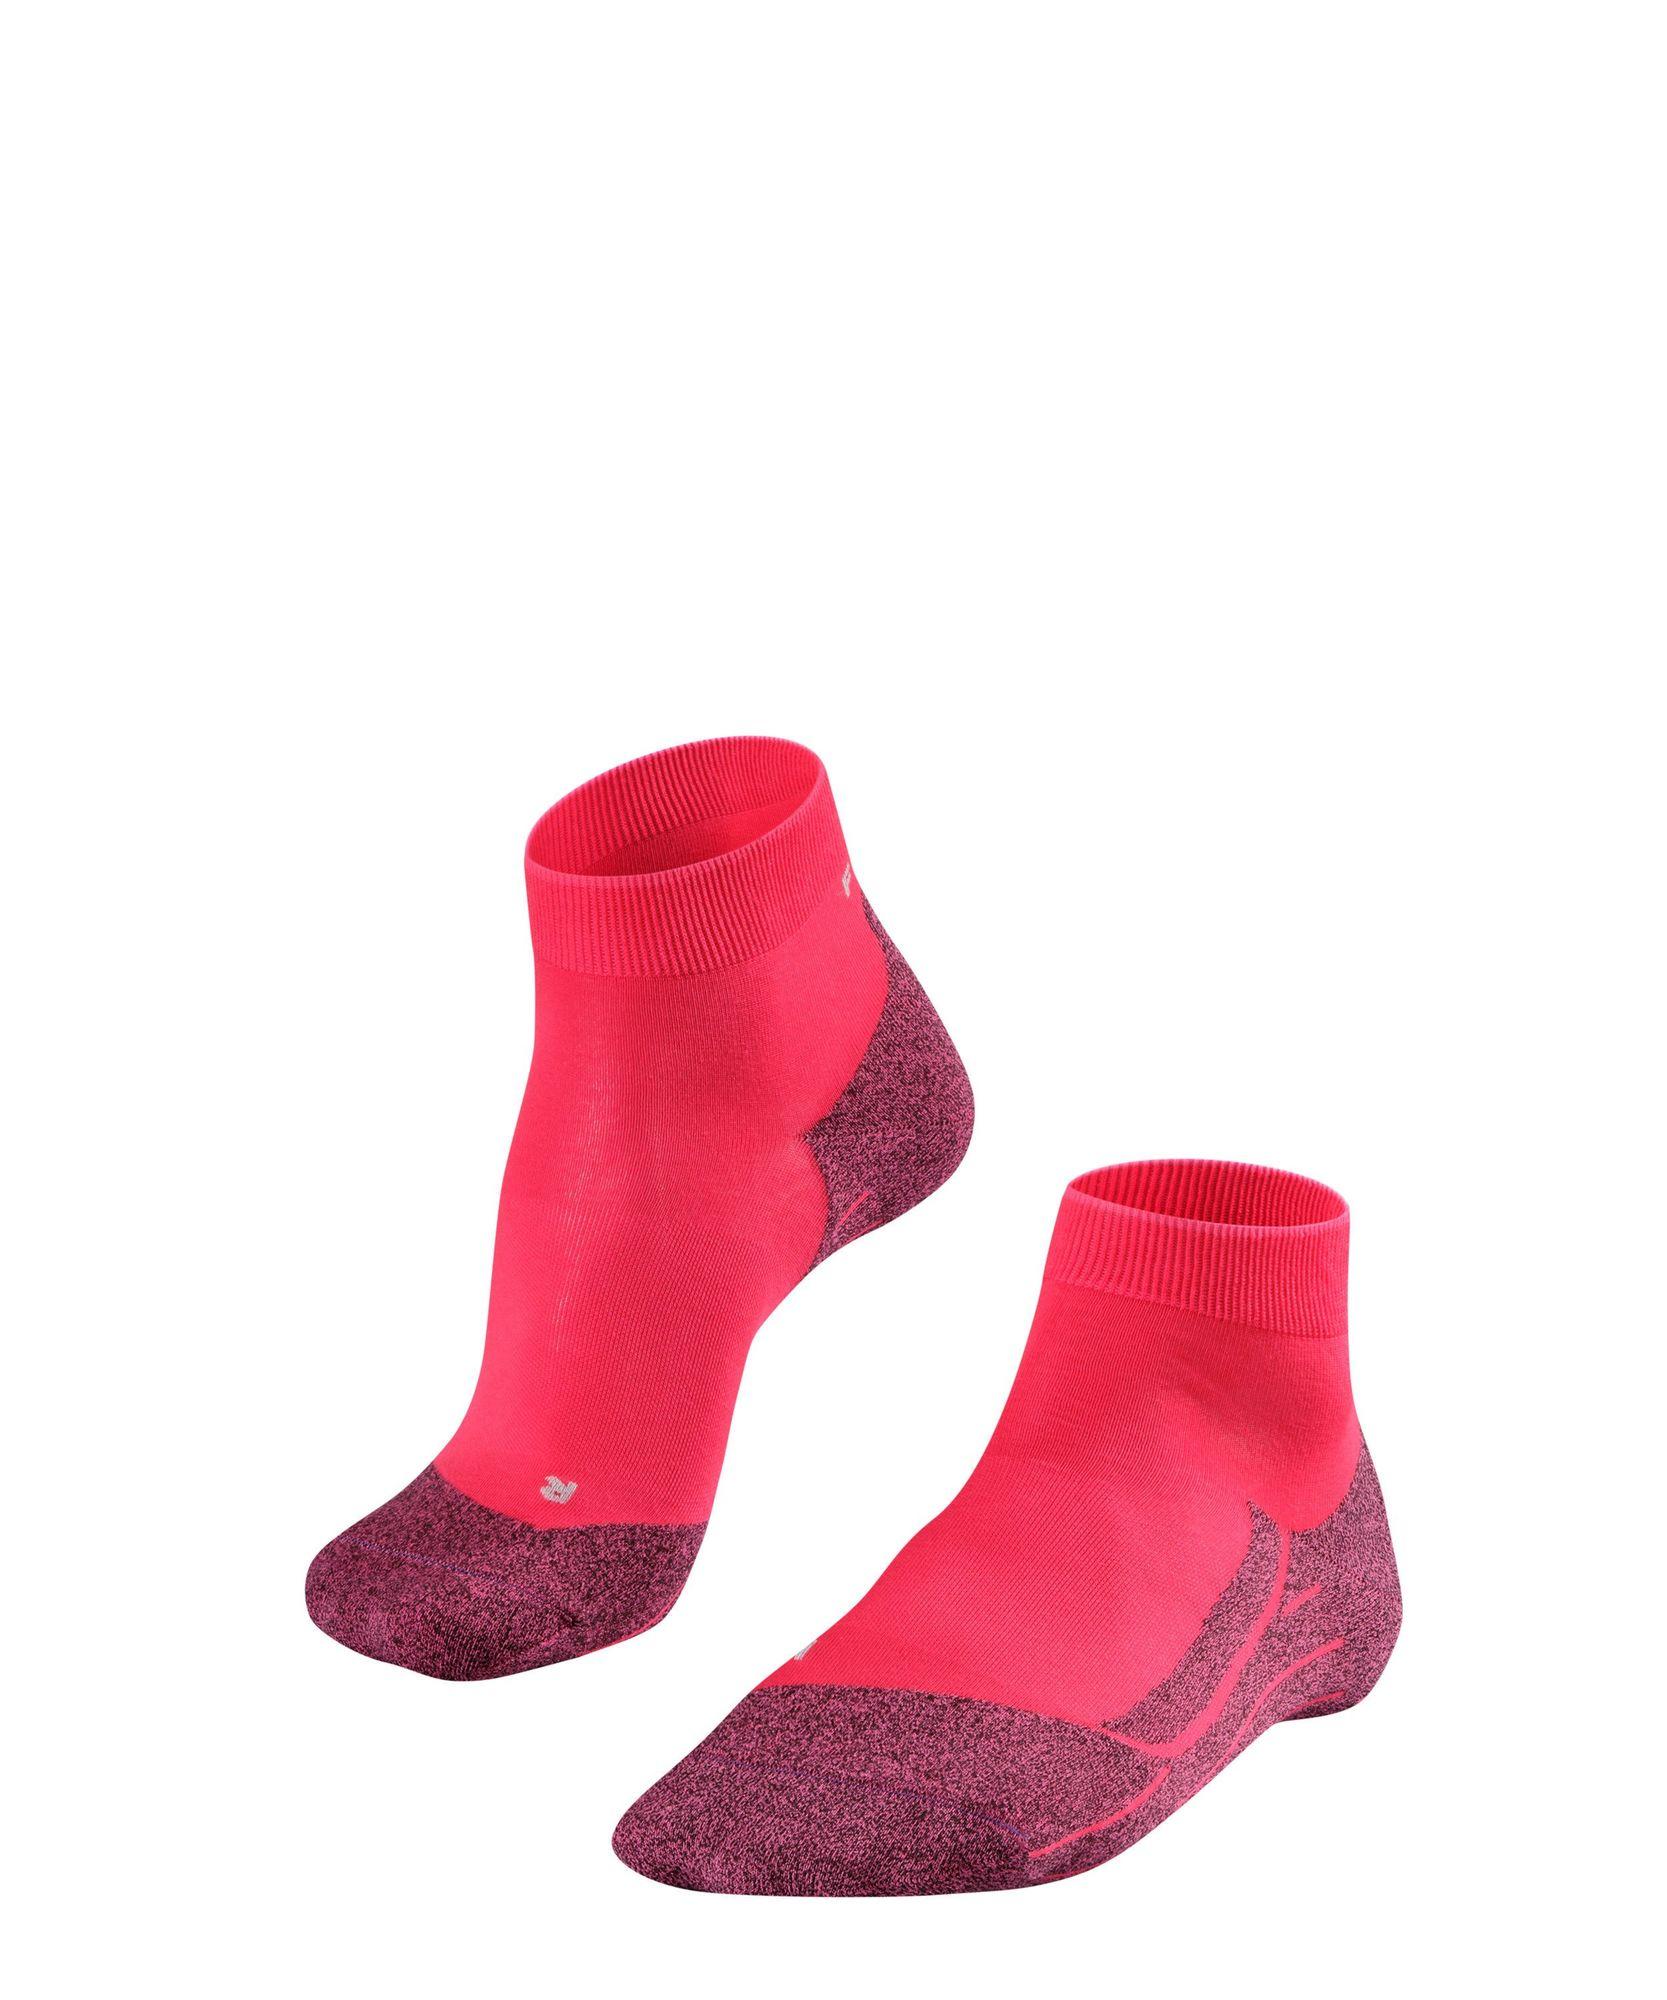 Falke RU4 Light Short Damen (Pink)